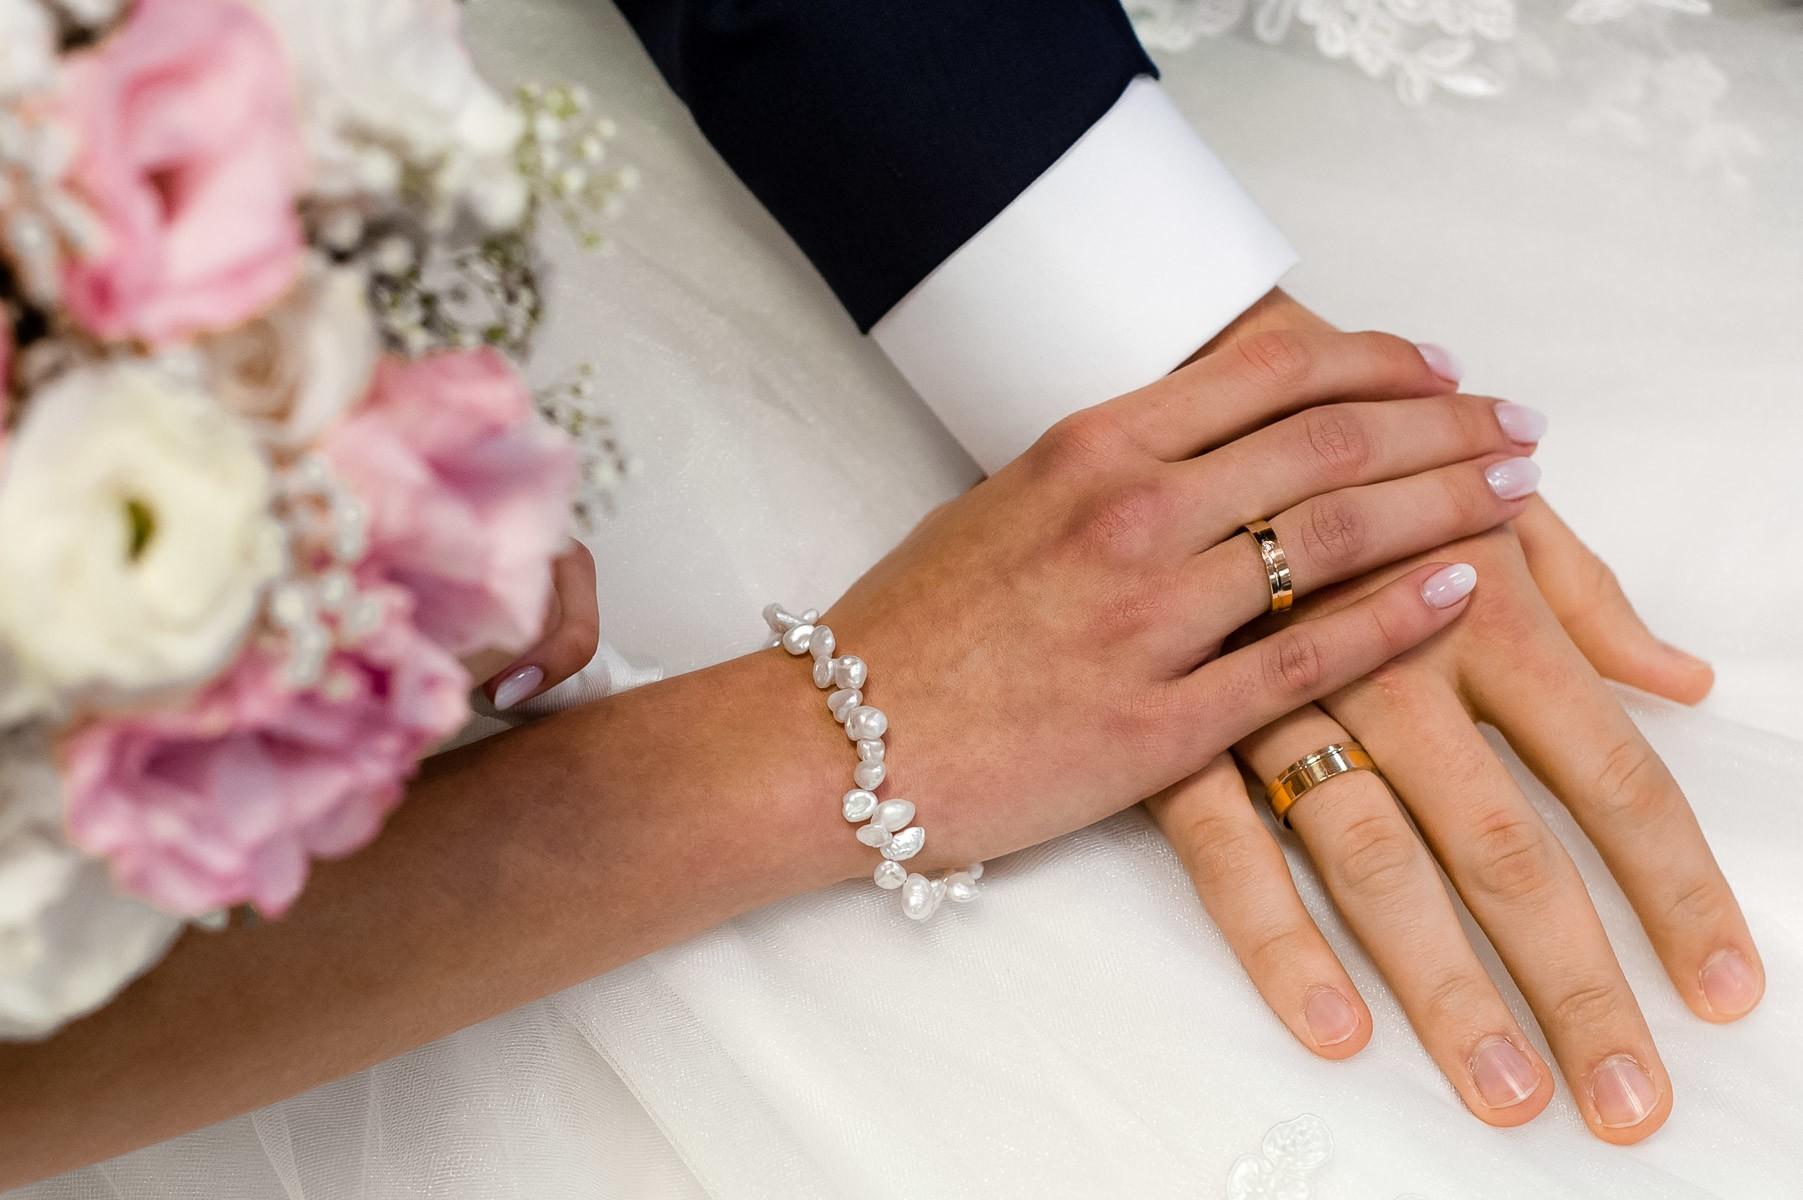 sala na skarpie fotograf slubny slask malopolska adam pietrusiak plener slubny w gorach jw wedding 117